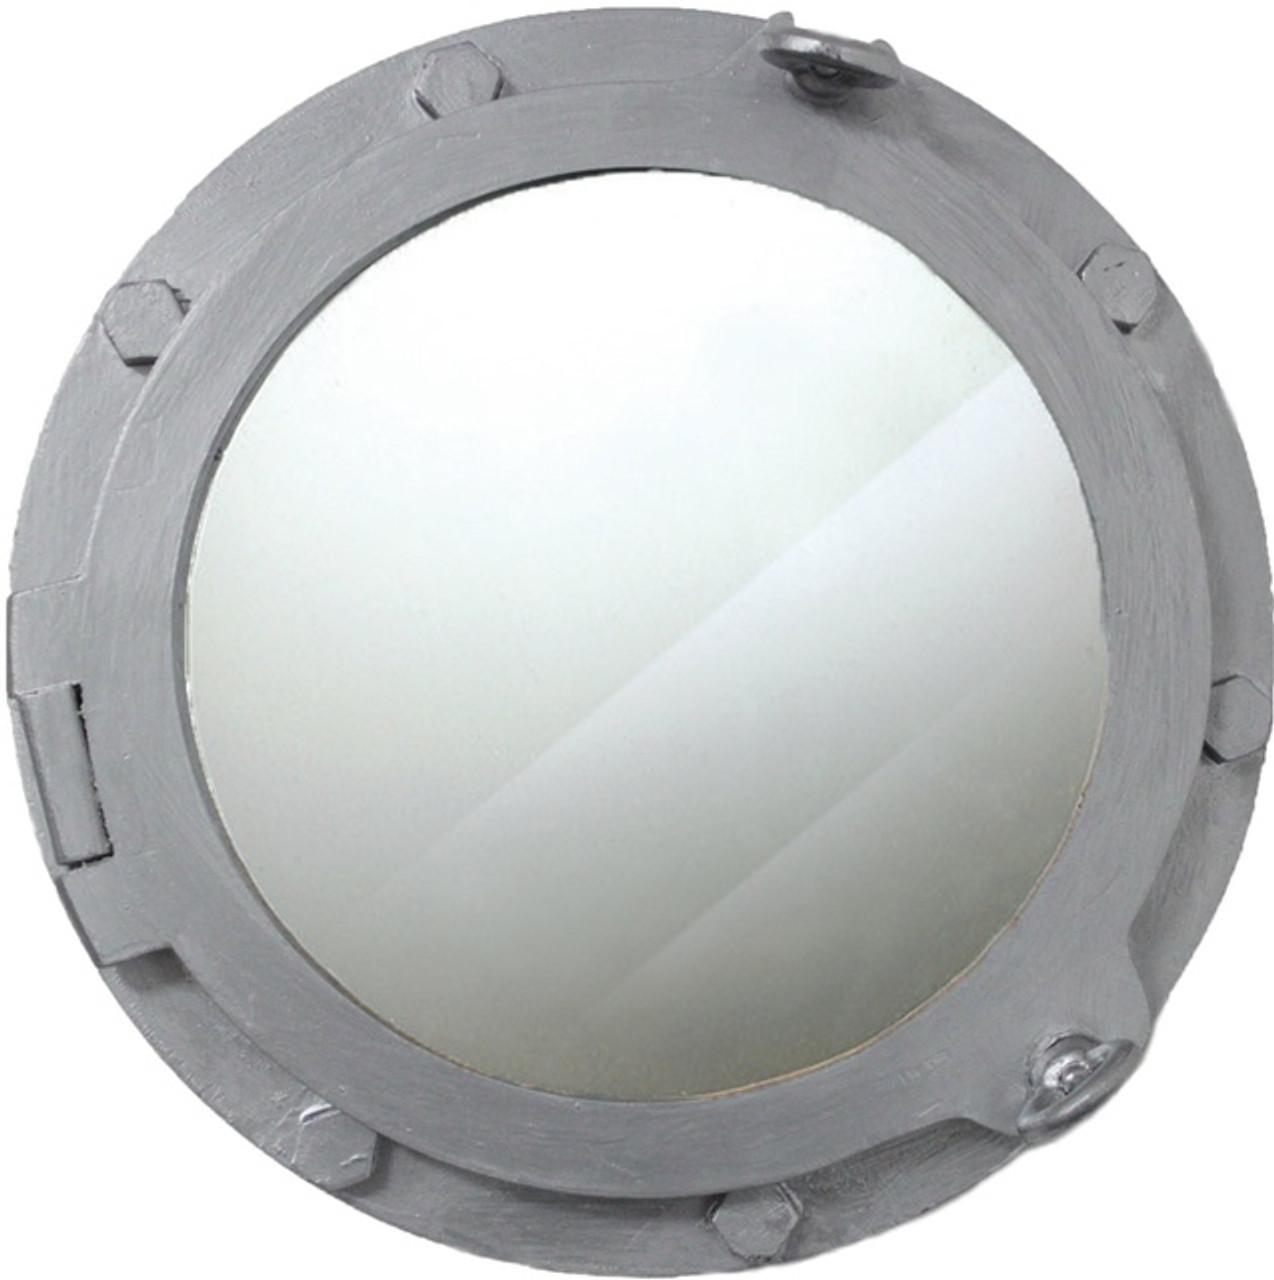 decor mirror aluminum portholes chrome wall ships nautical porthole home finish